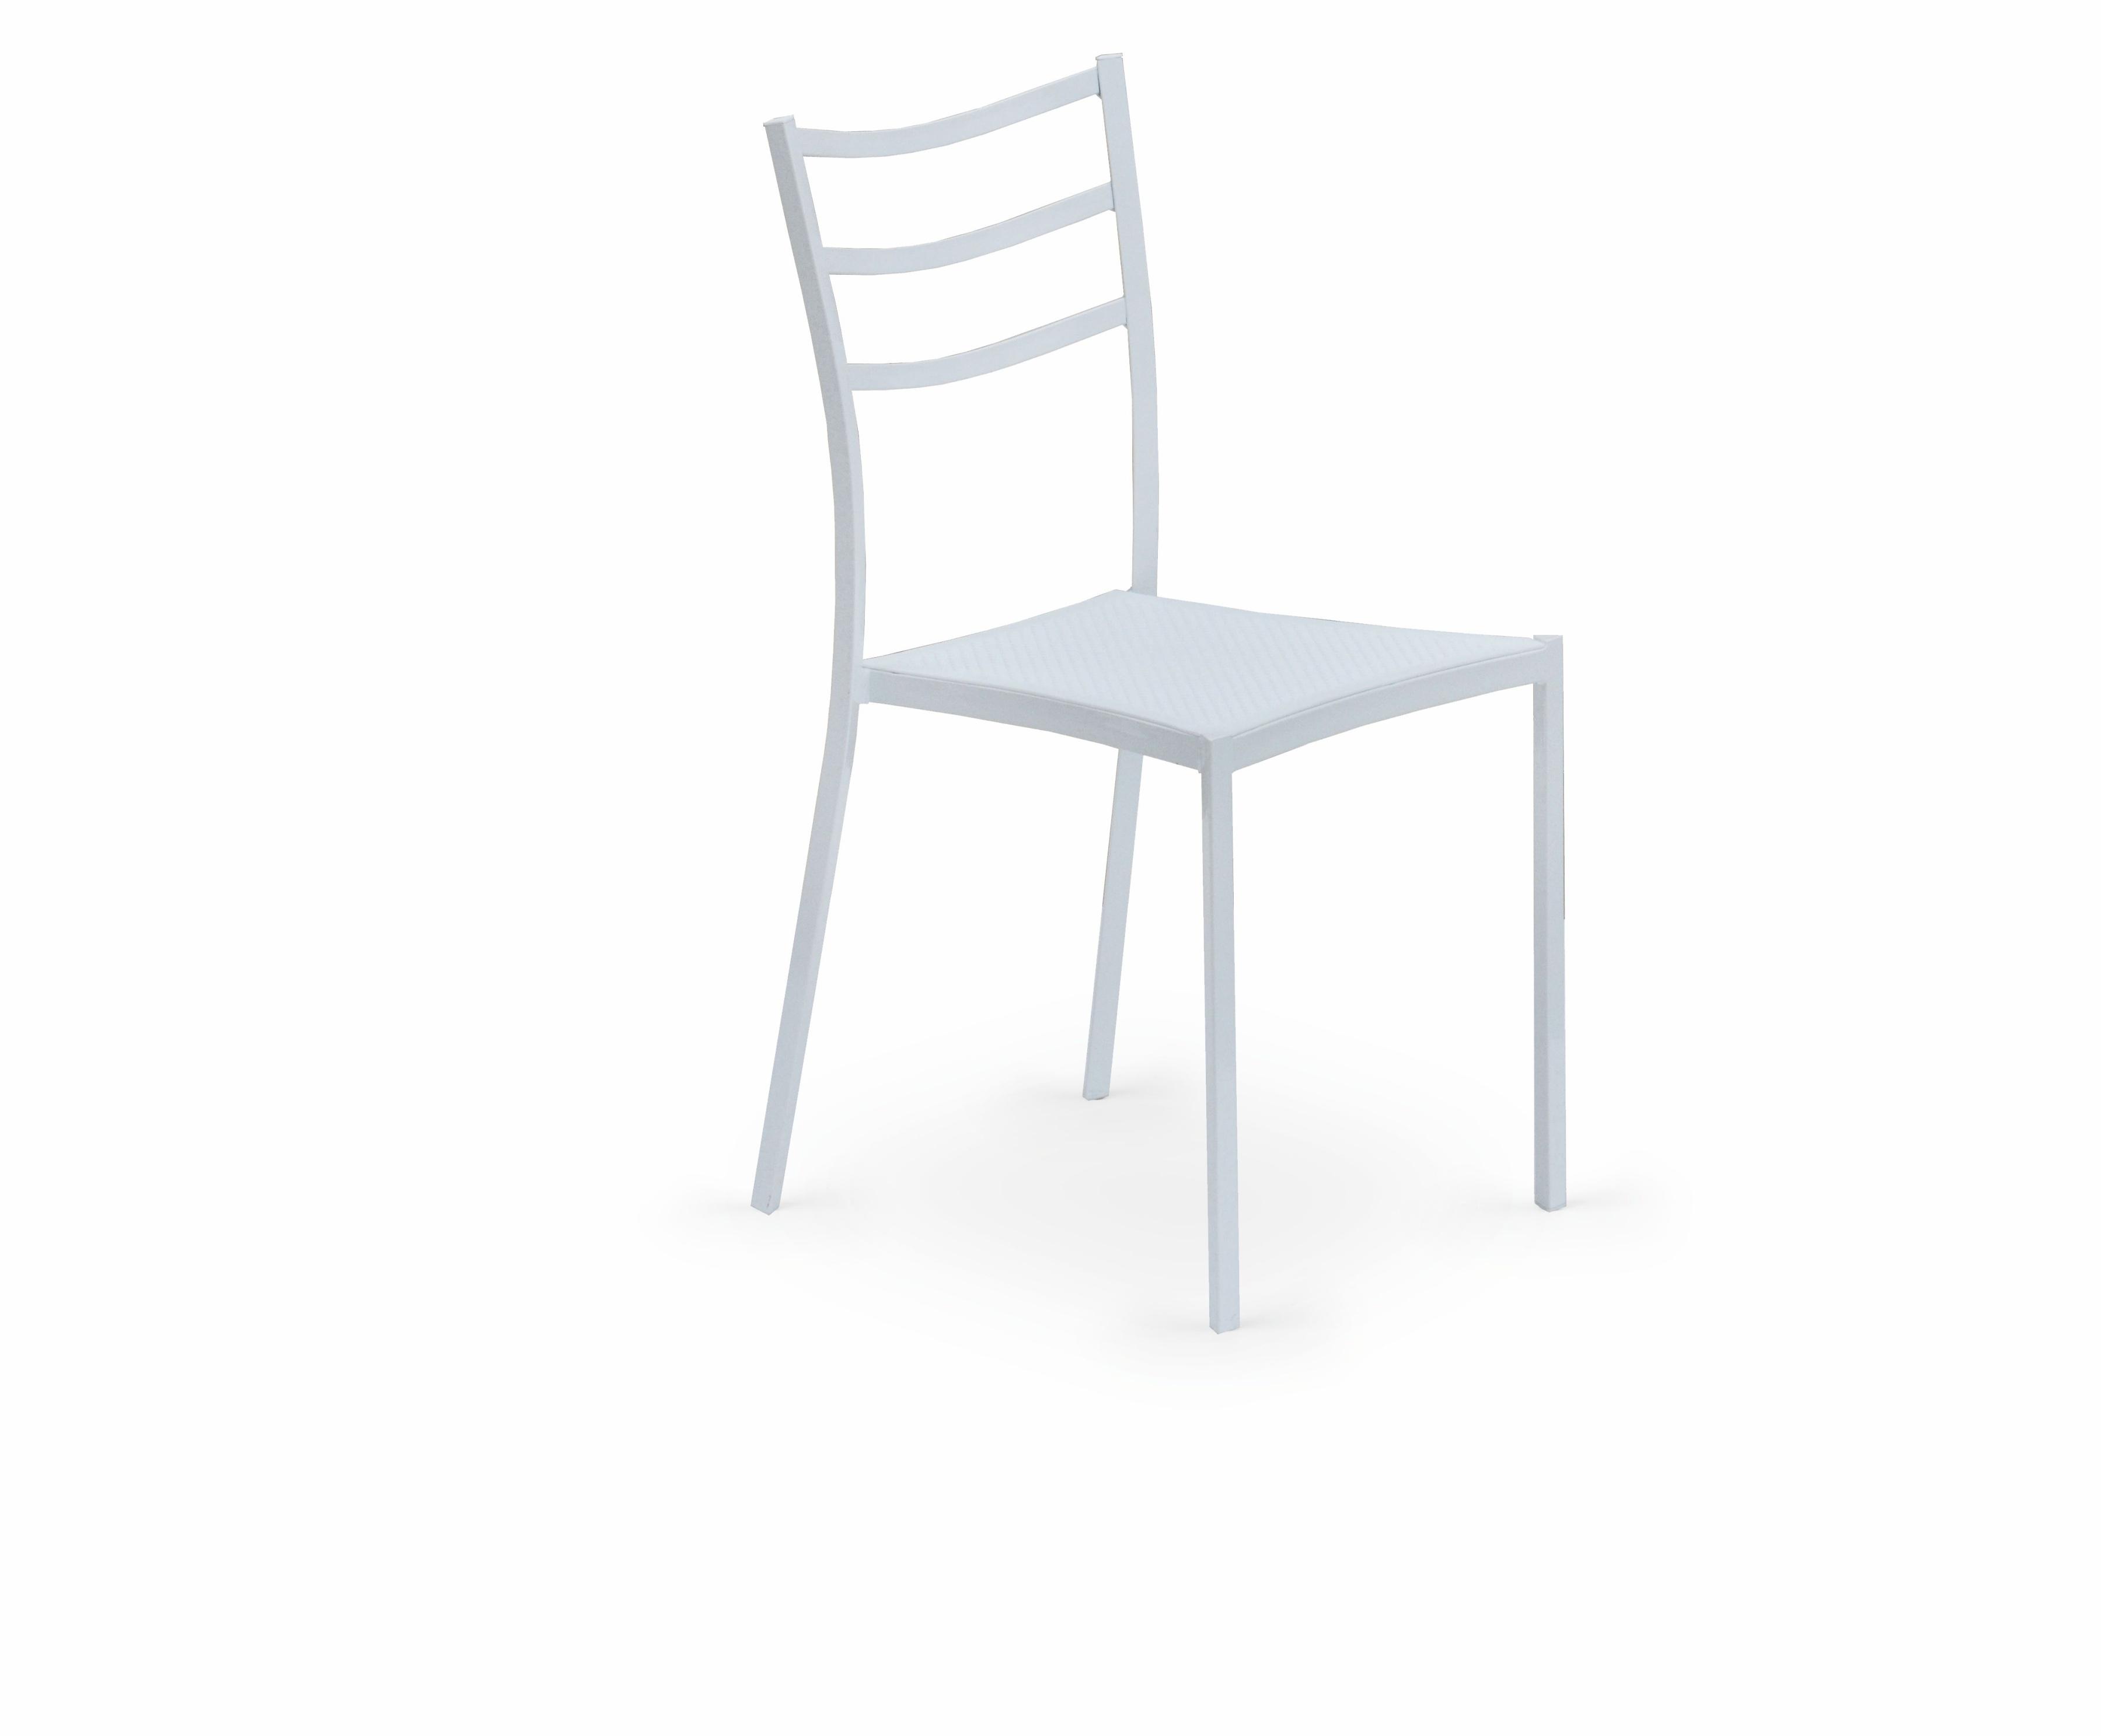 Jedálenská stolička - Halmar - K 159 biela